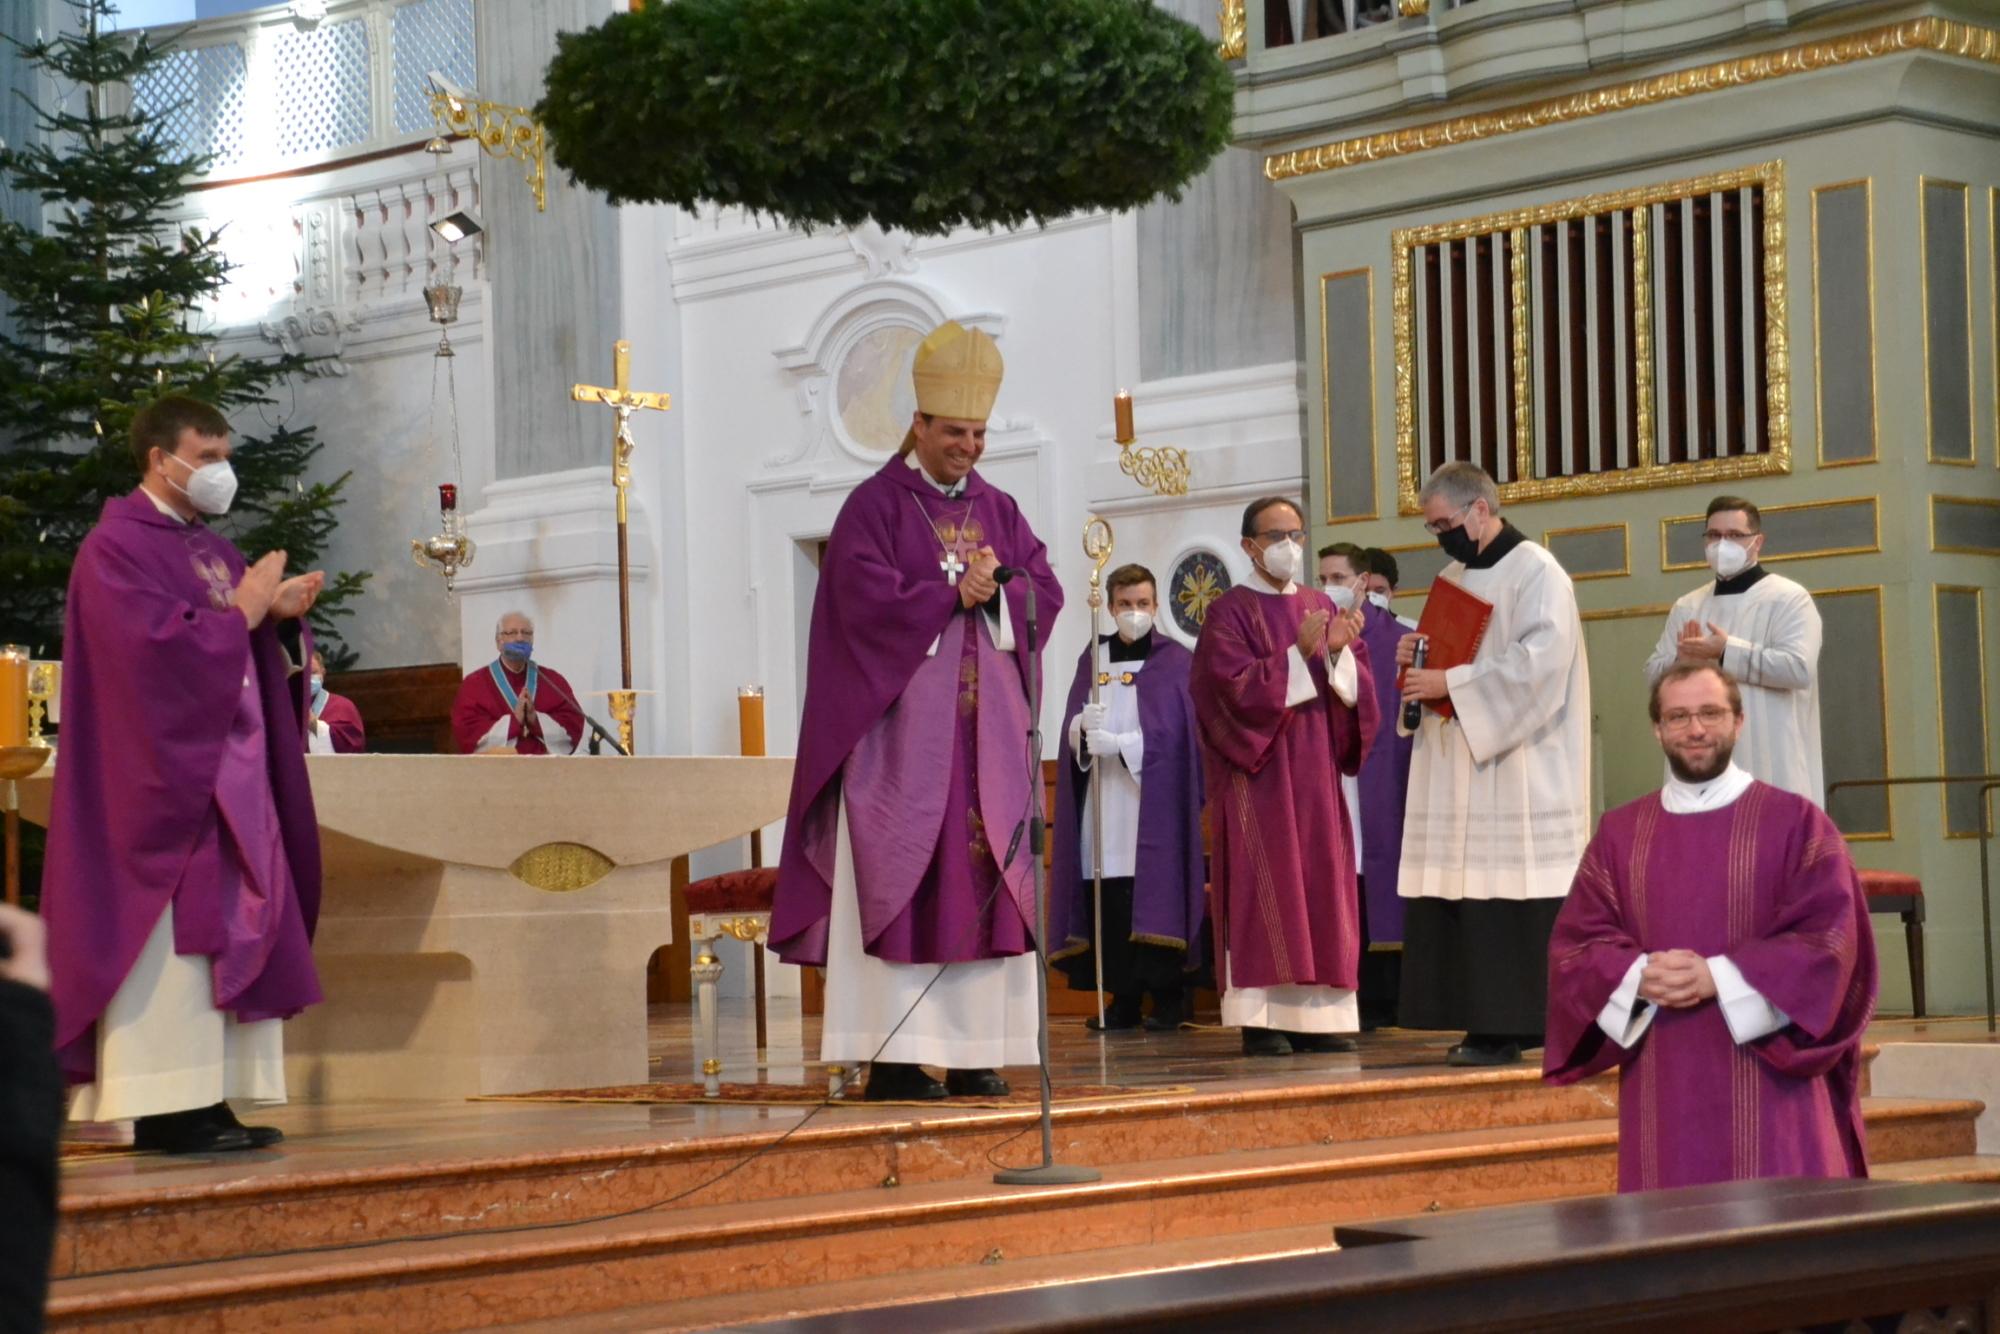 Diakonenweihe von Peter Bosanyi in AO durch Bischof Oster 5 12 2020 25